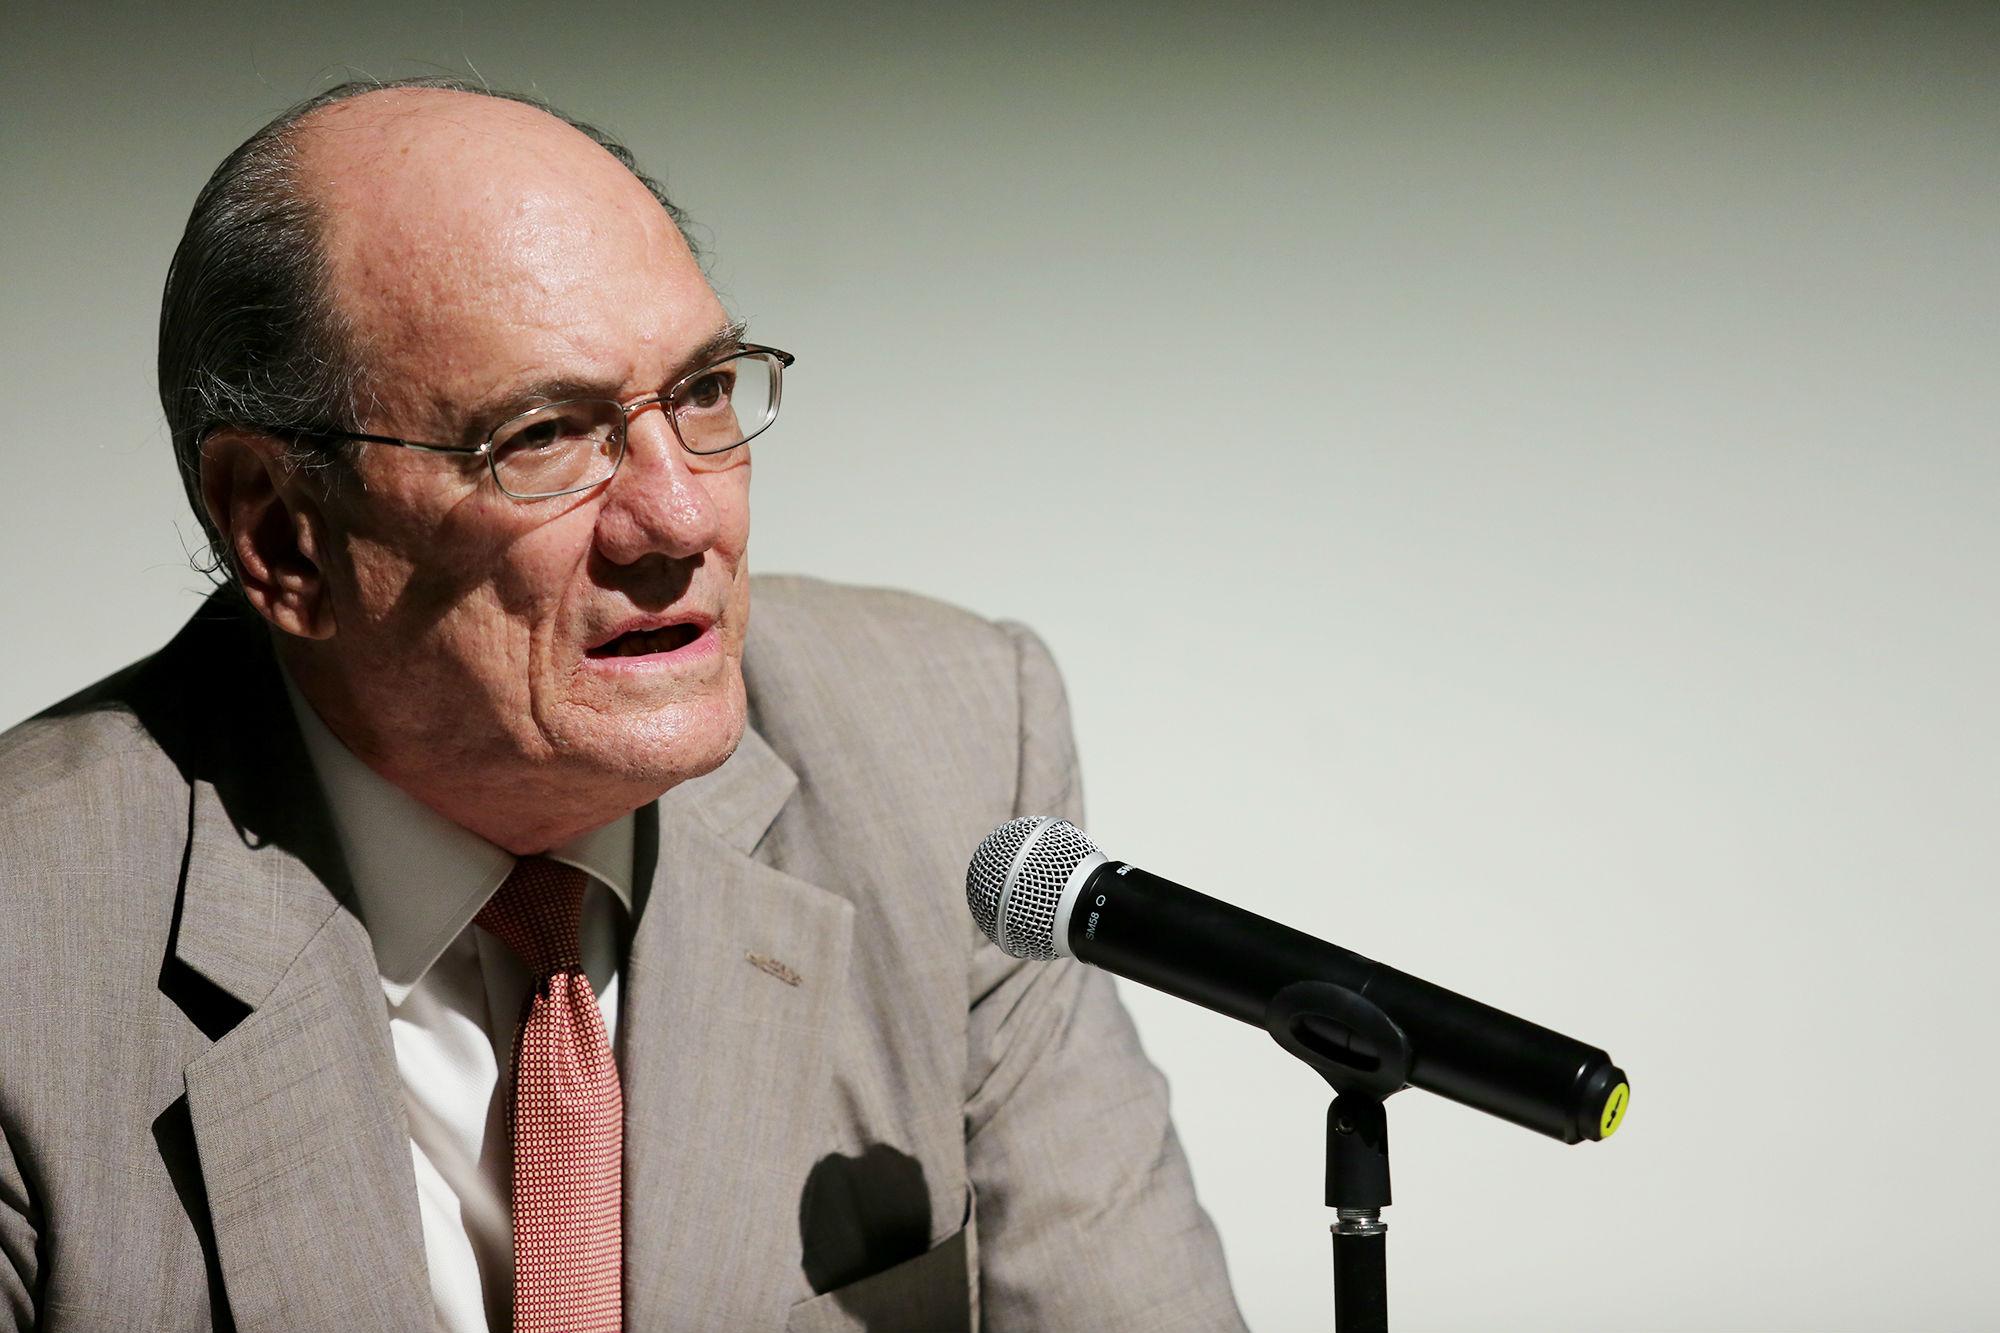 José María Muriá Rouret